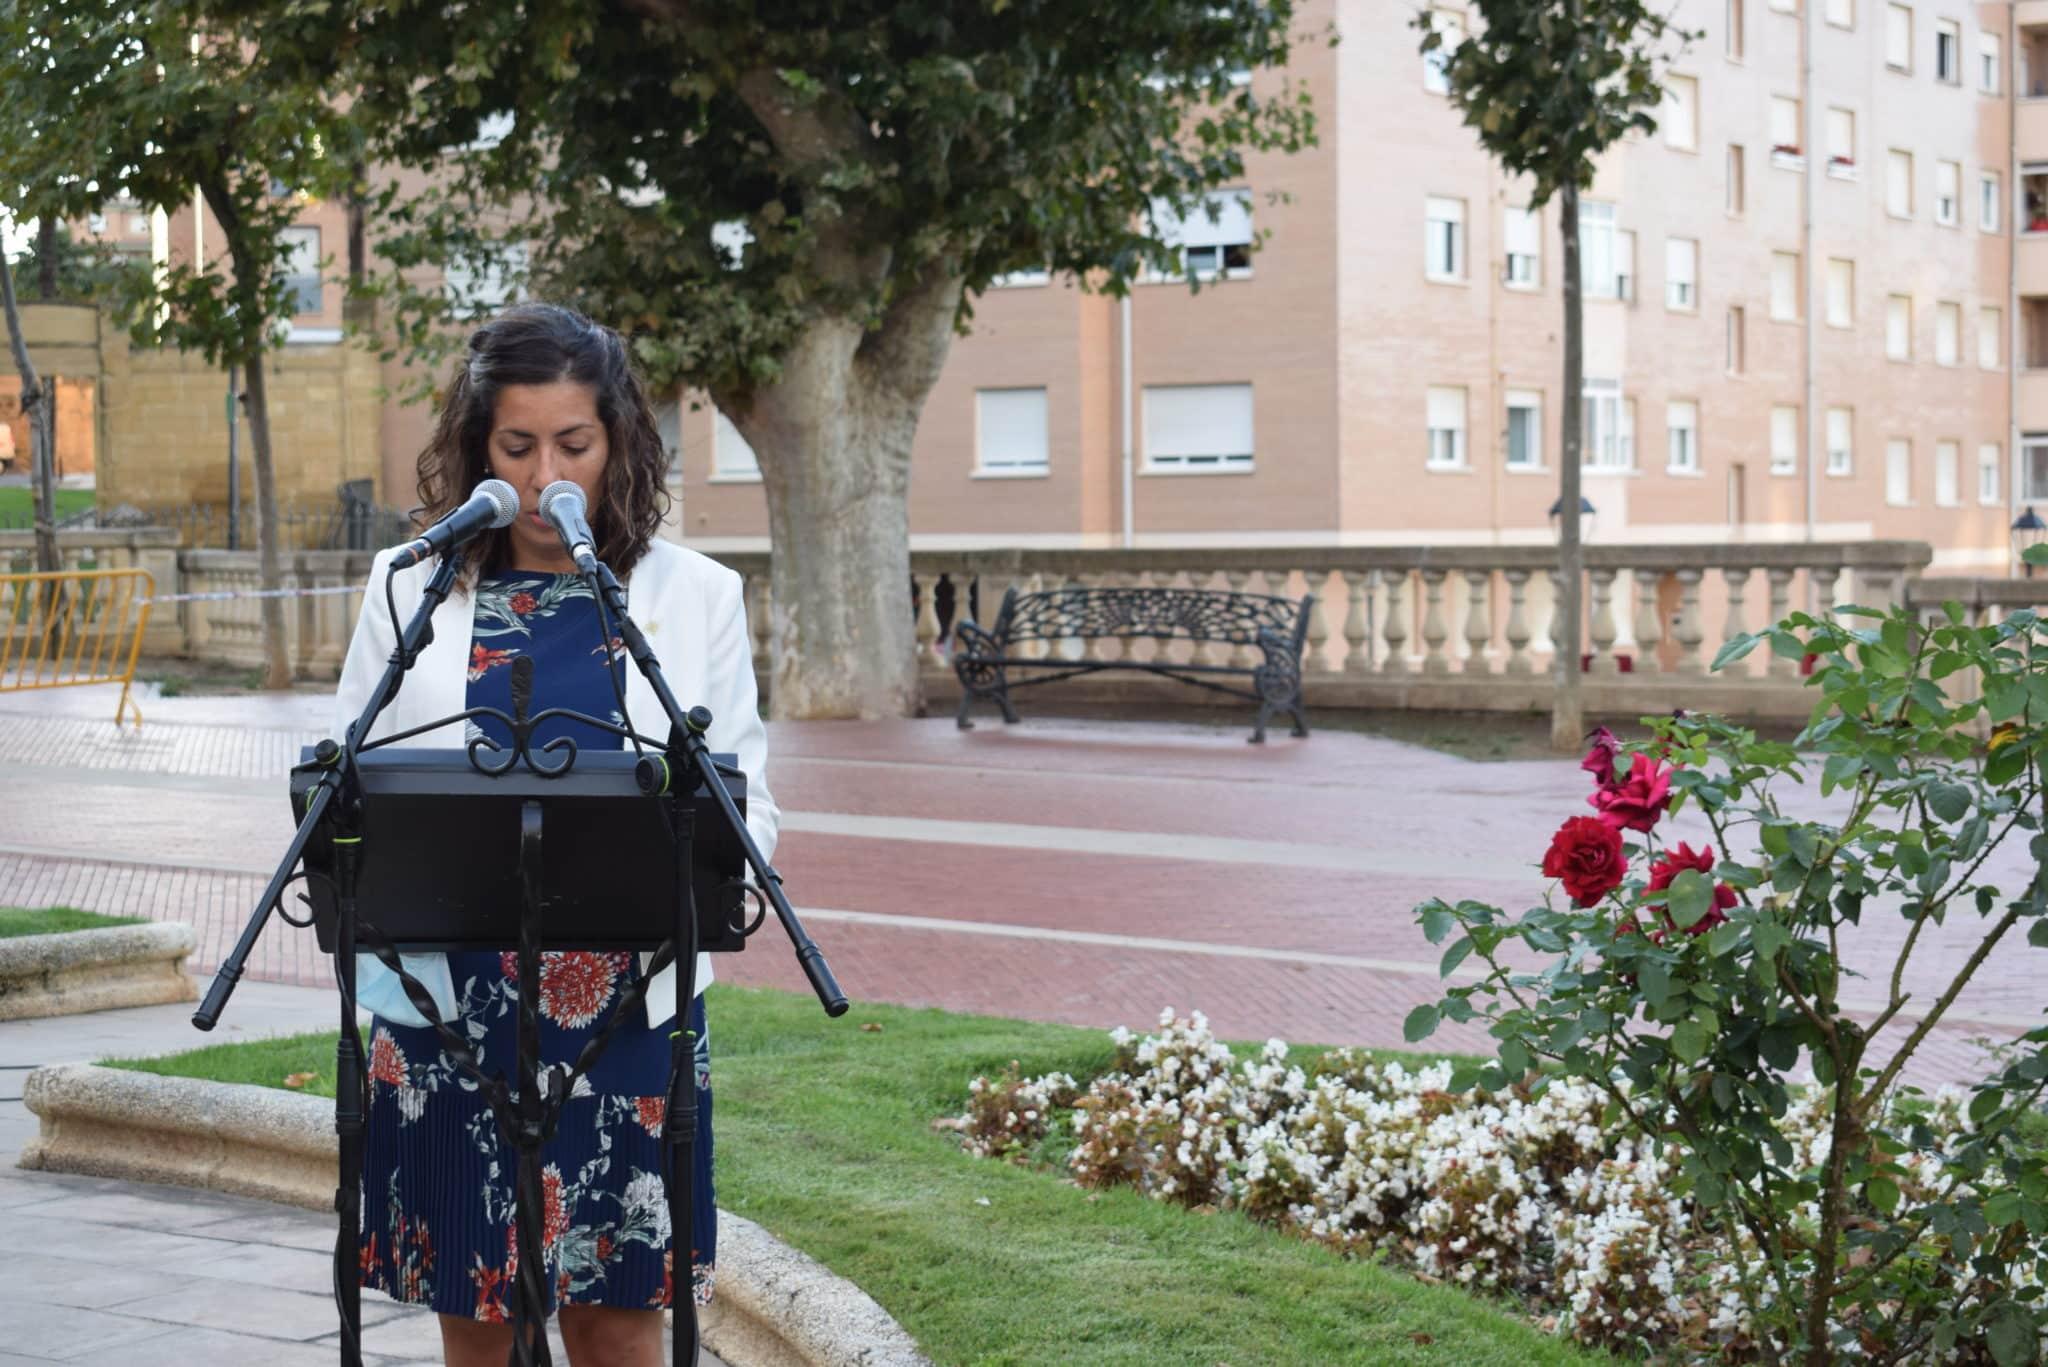 FOTOS: Haro homenajea a las víctimas de la pandemia 12